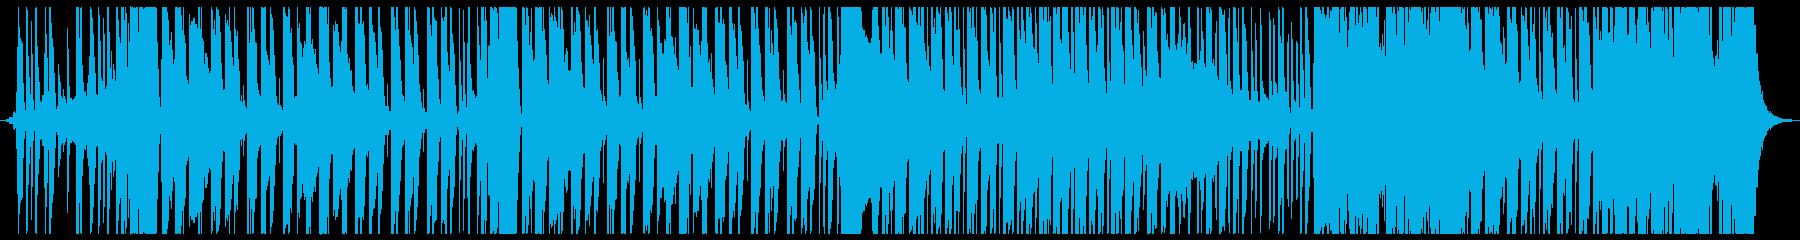 実験的 積極的 焦り 不条理 奇妙...の再生済みの波形